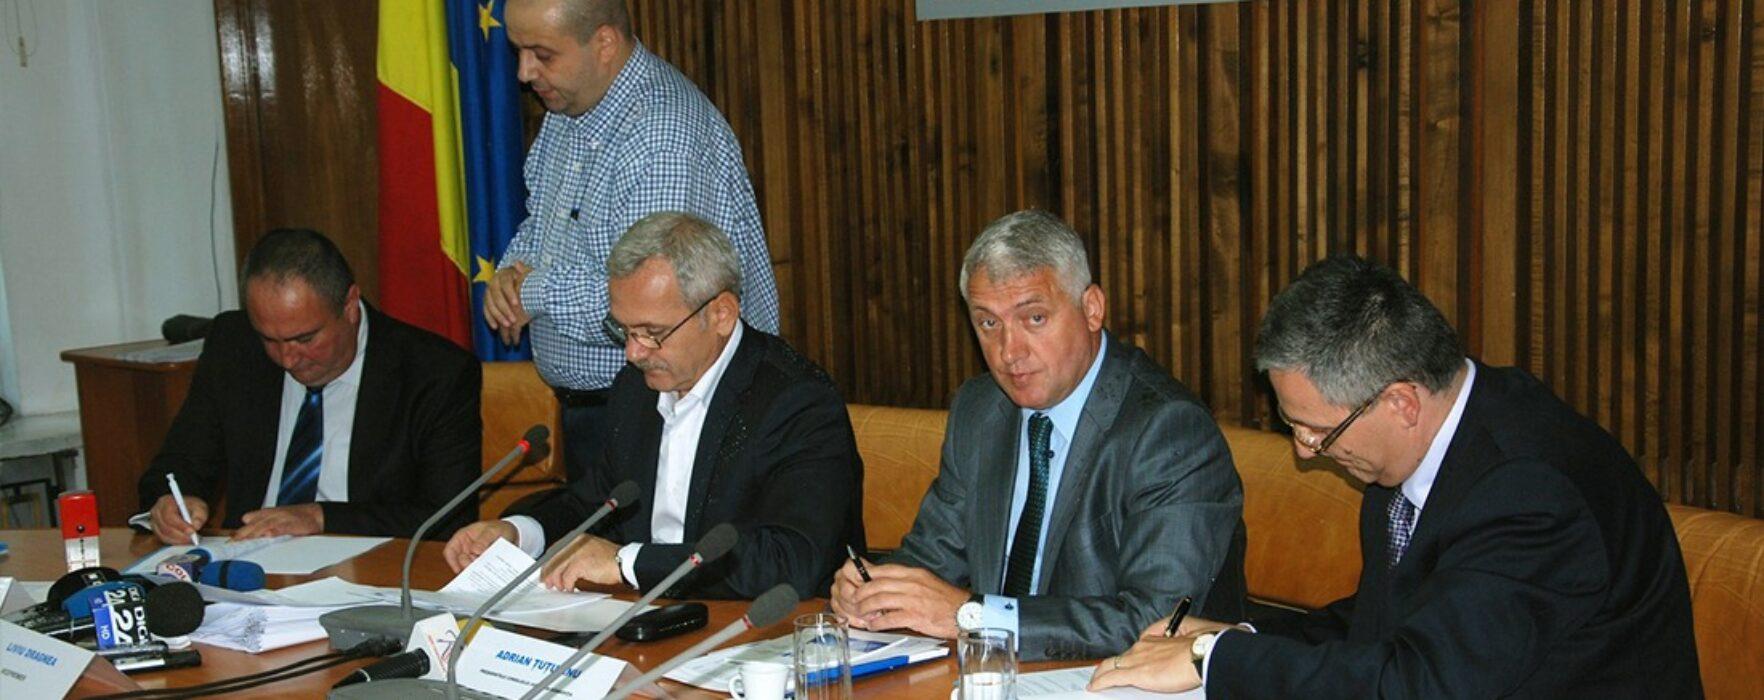 Liviu Dragnea a semnat contractele de finanţare pentru reabilitarea a două şcoli din Voineşti şi Gura Şuţii